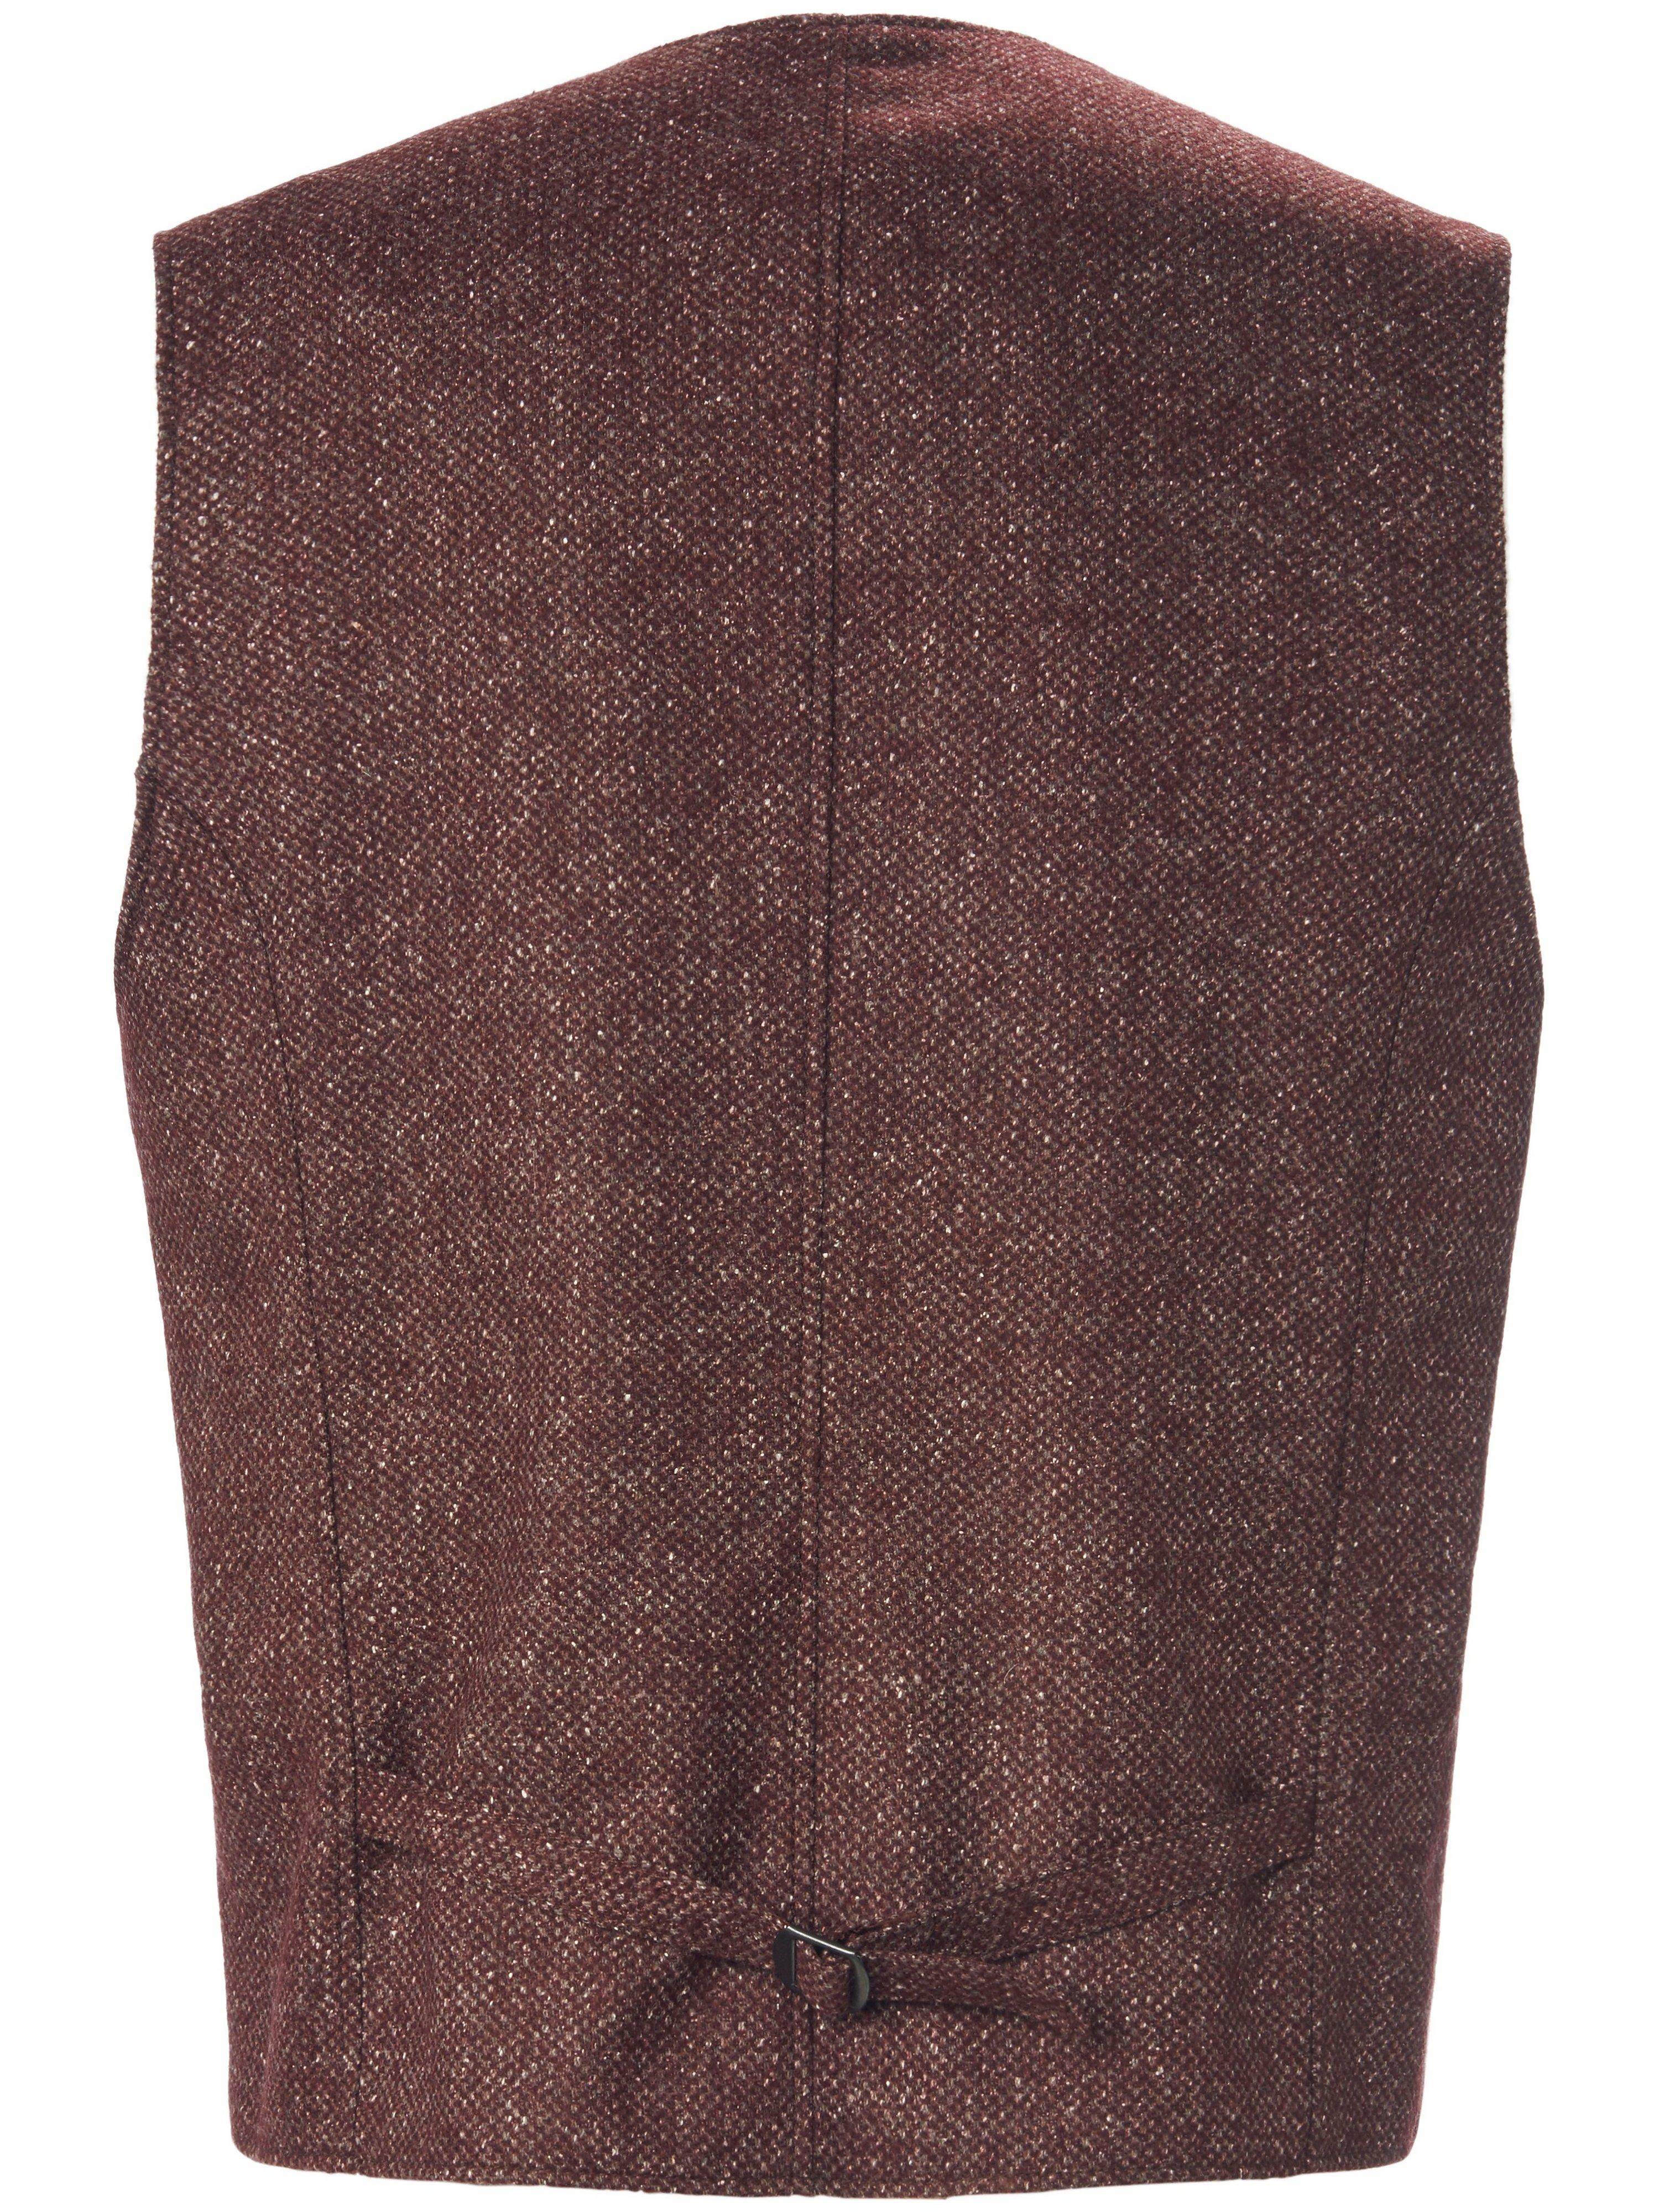 Tweedvest Fra Carl Gross rød